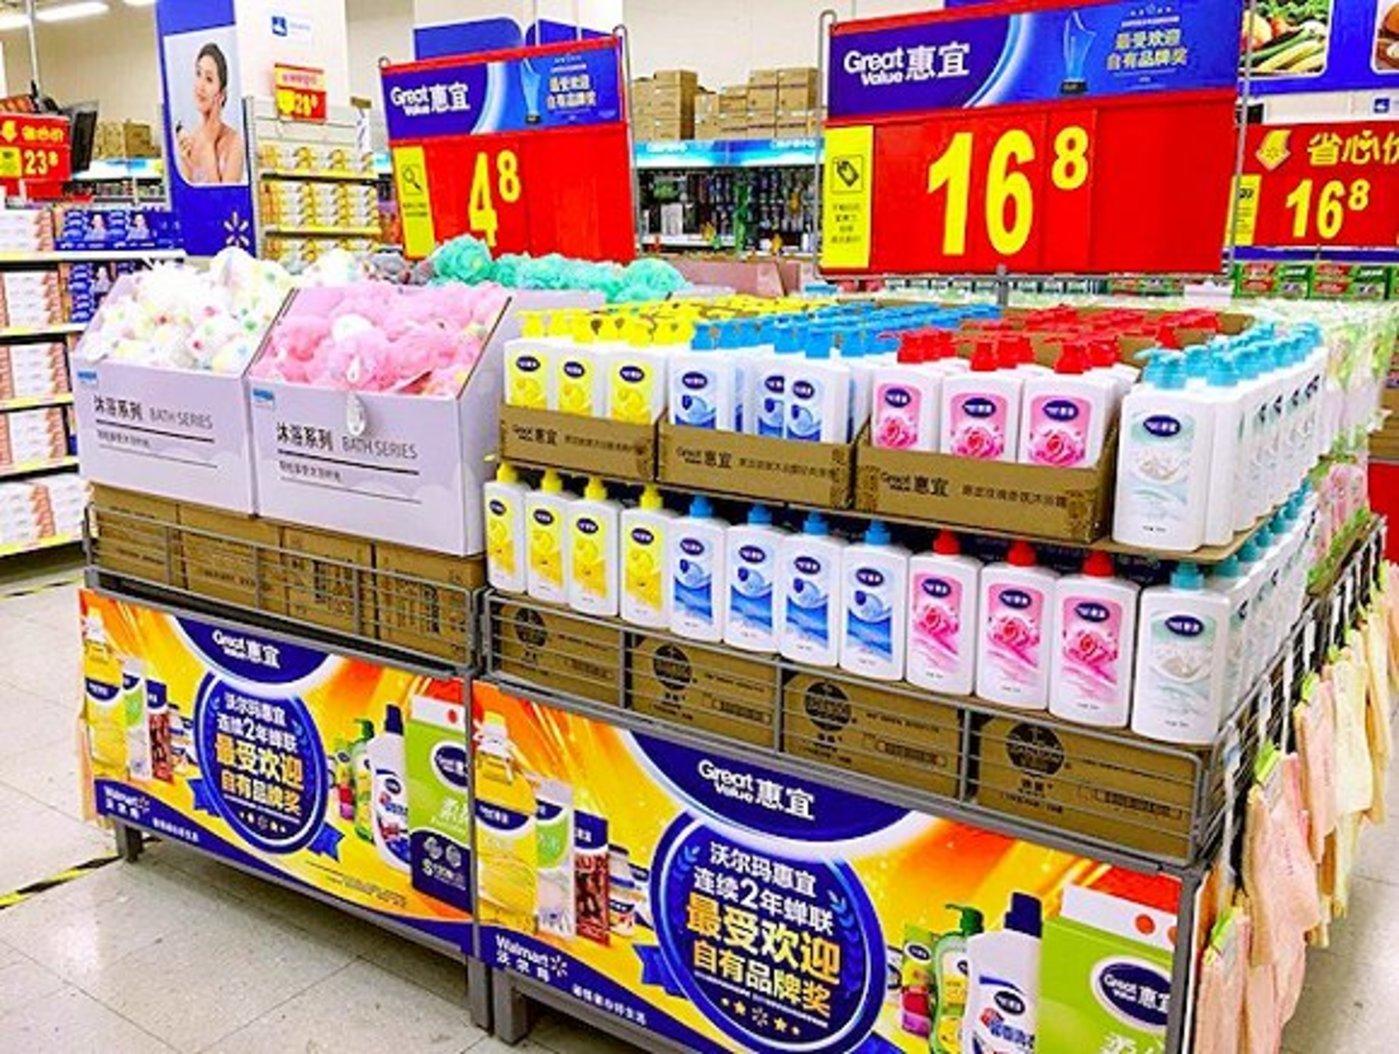 沃尔玛自有品牌沐浴露产品以堆头的形式进行推广